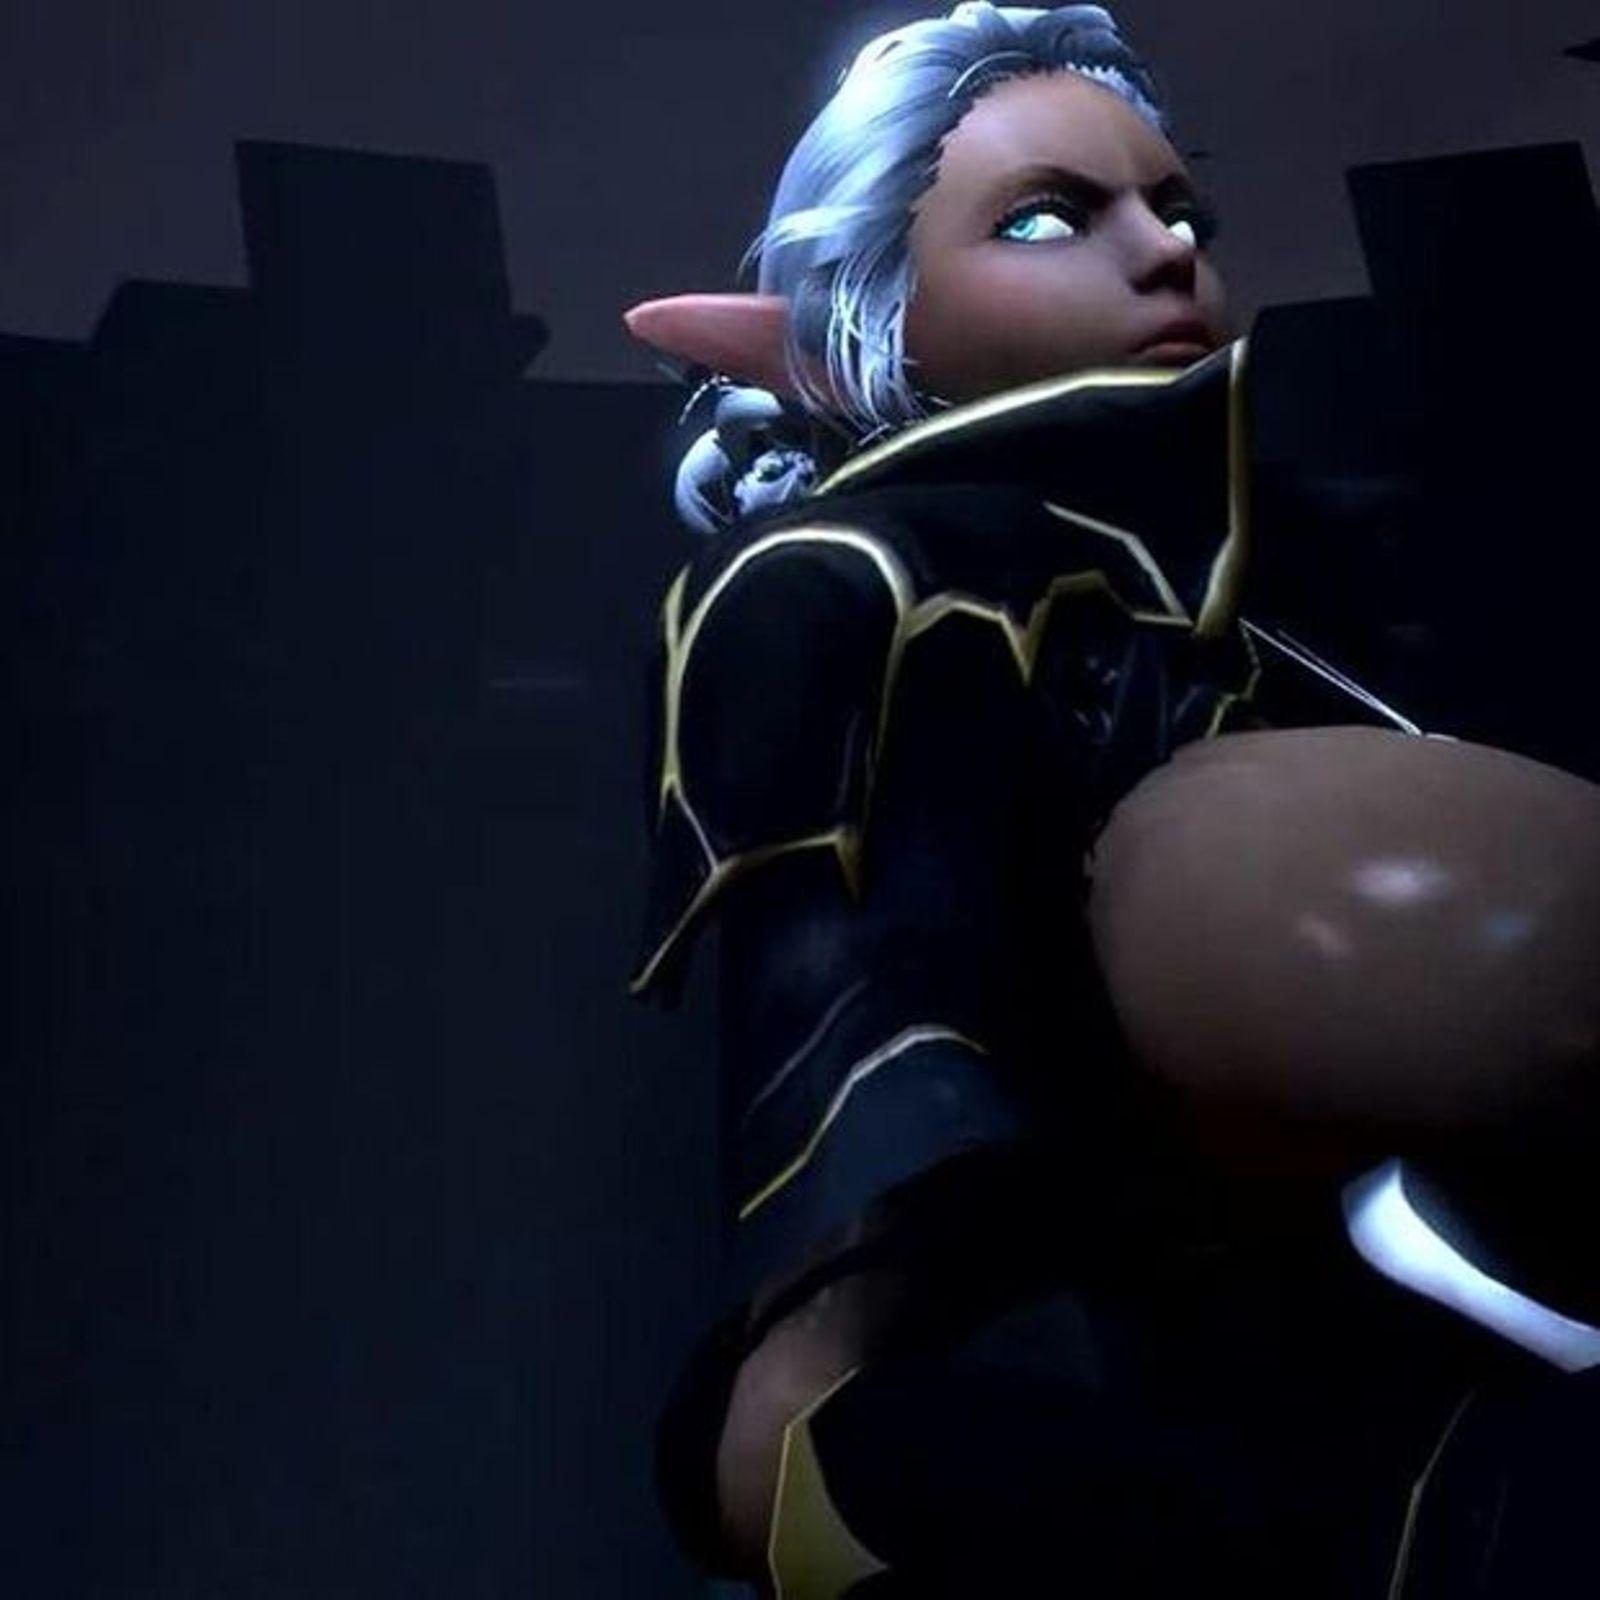 Orc Tamer Teaser (ANIMATION LINK BELOW)